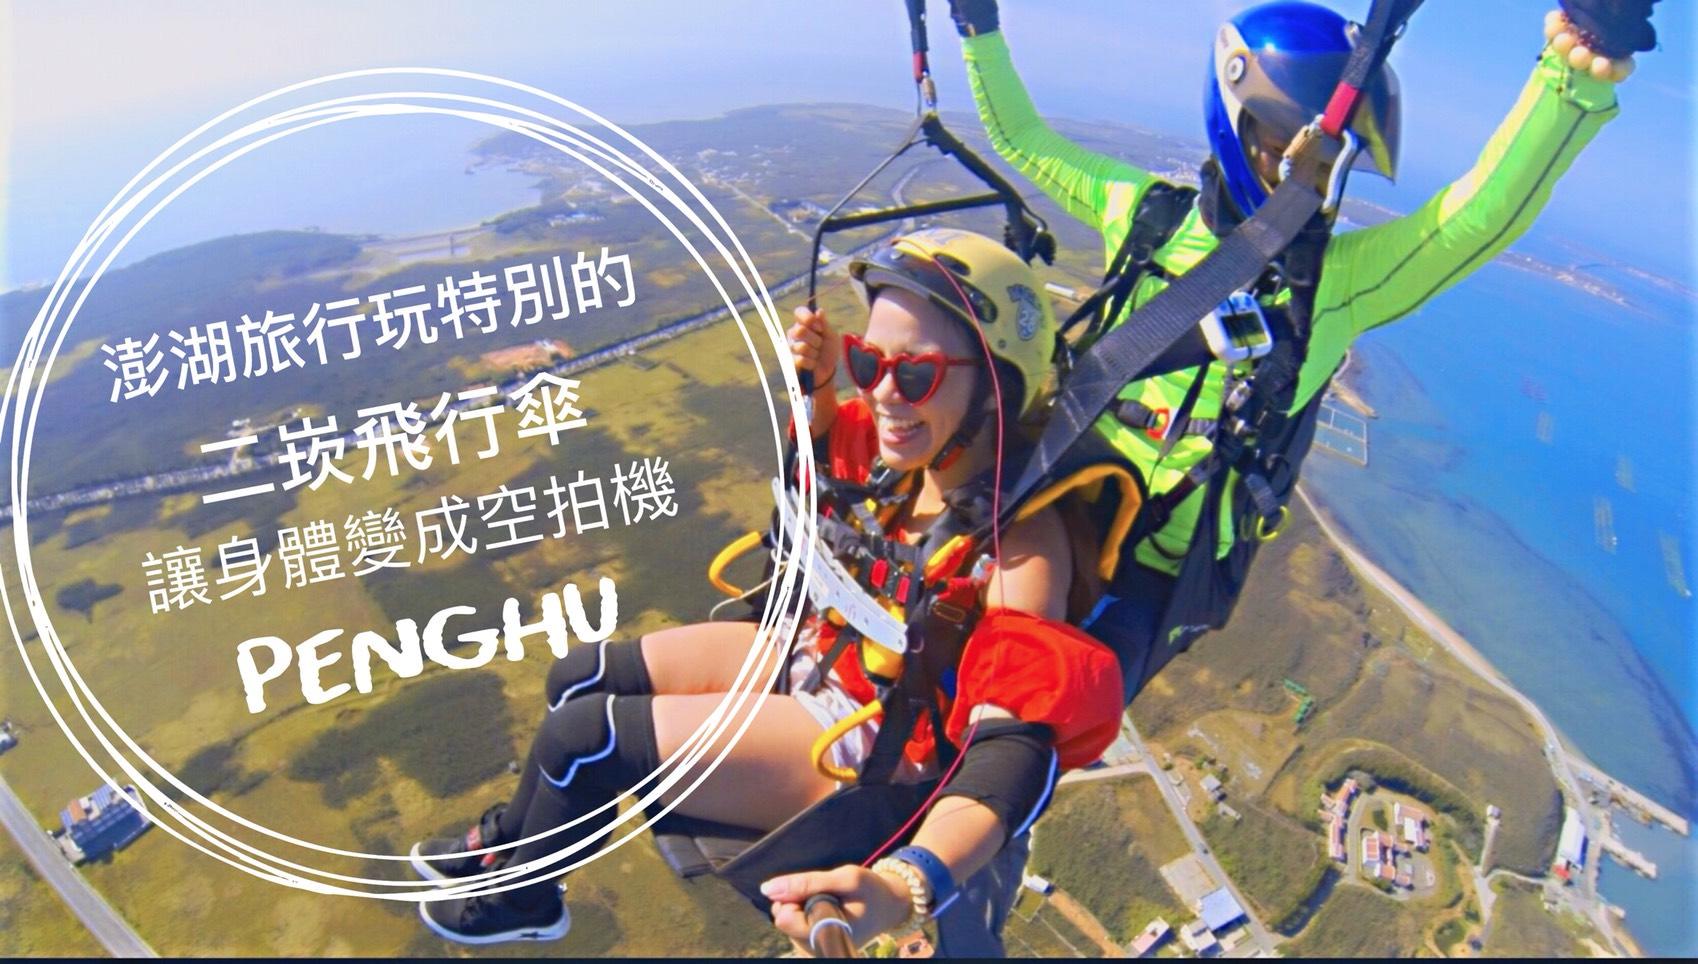 澎湖自由行|| 玩點不一樣的 二崁 拖曳飛行傘 把自己當成空拍機飛上天 無動力飛行傘